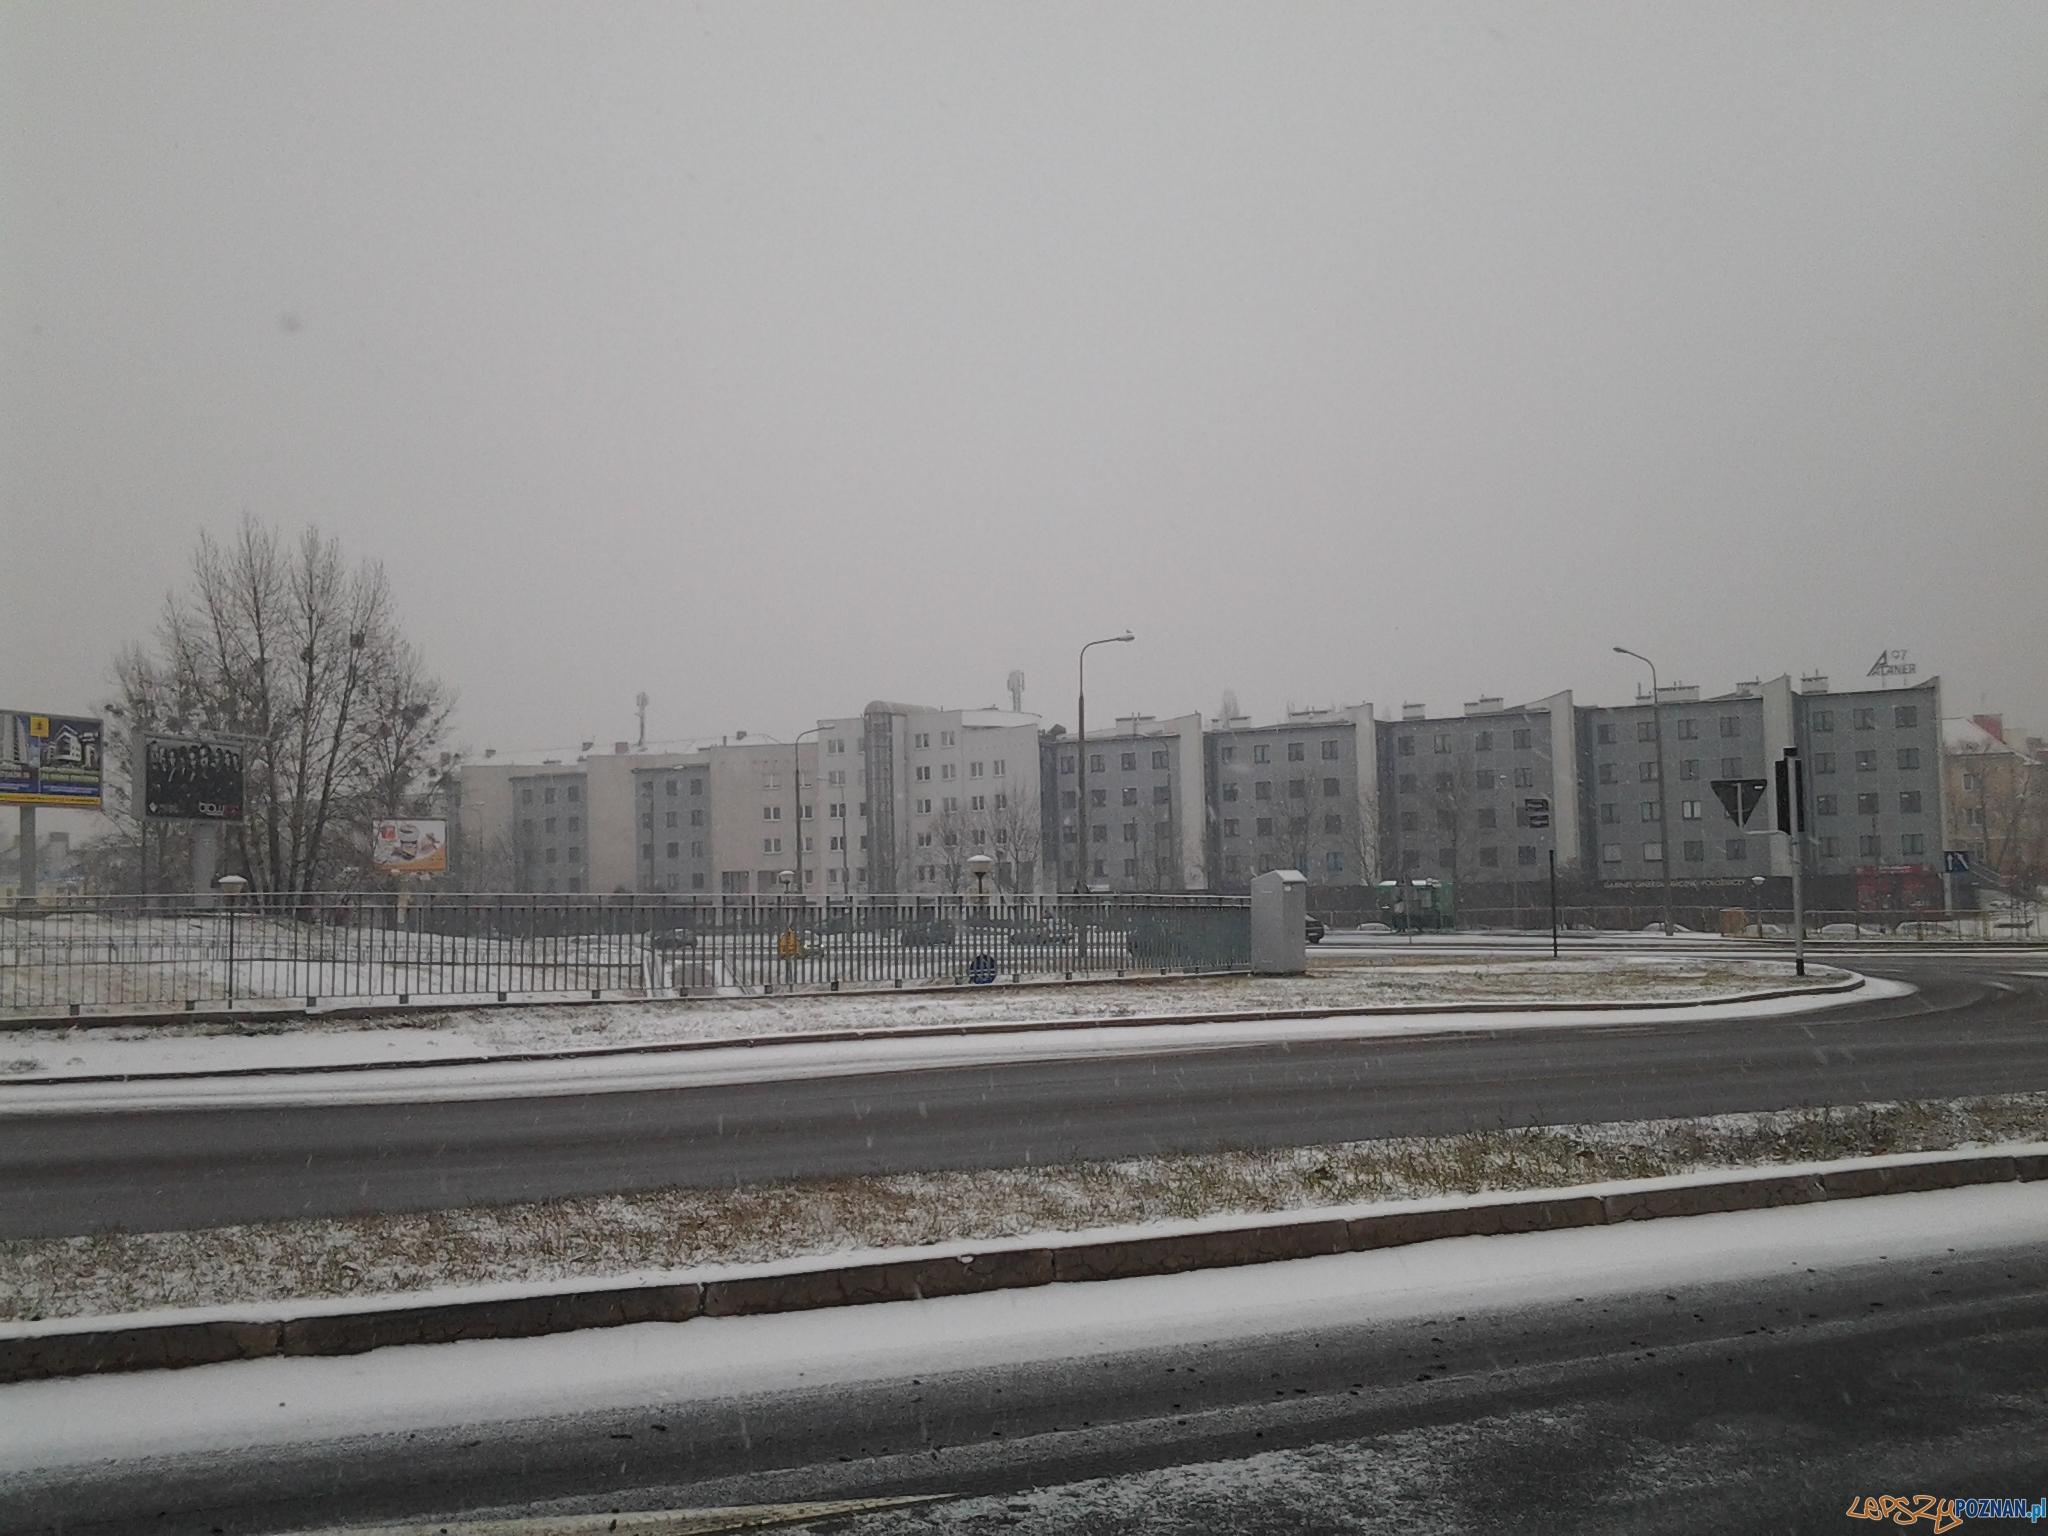 Winogrady po porannych opadach śniegu (grudzień 2011)  Foto: lepszyPOZNAN.pl / gsm